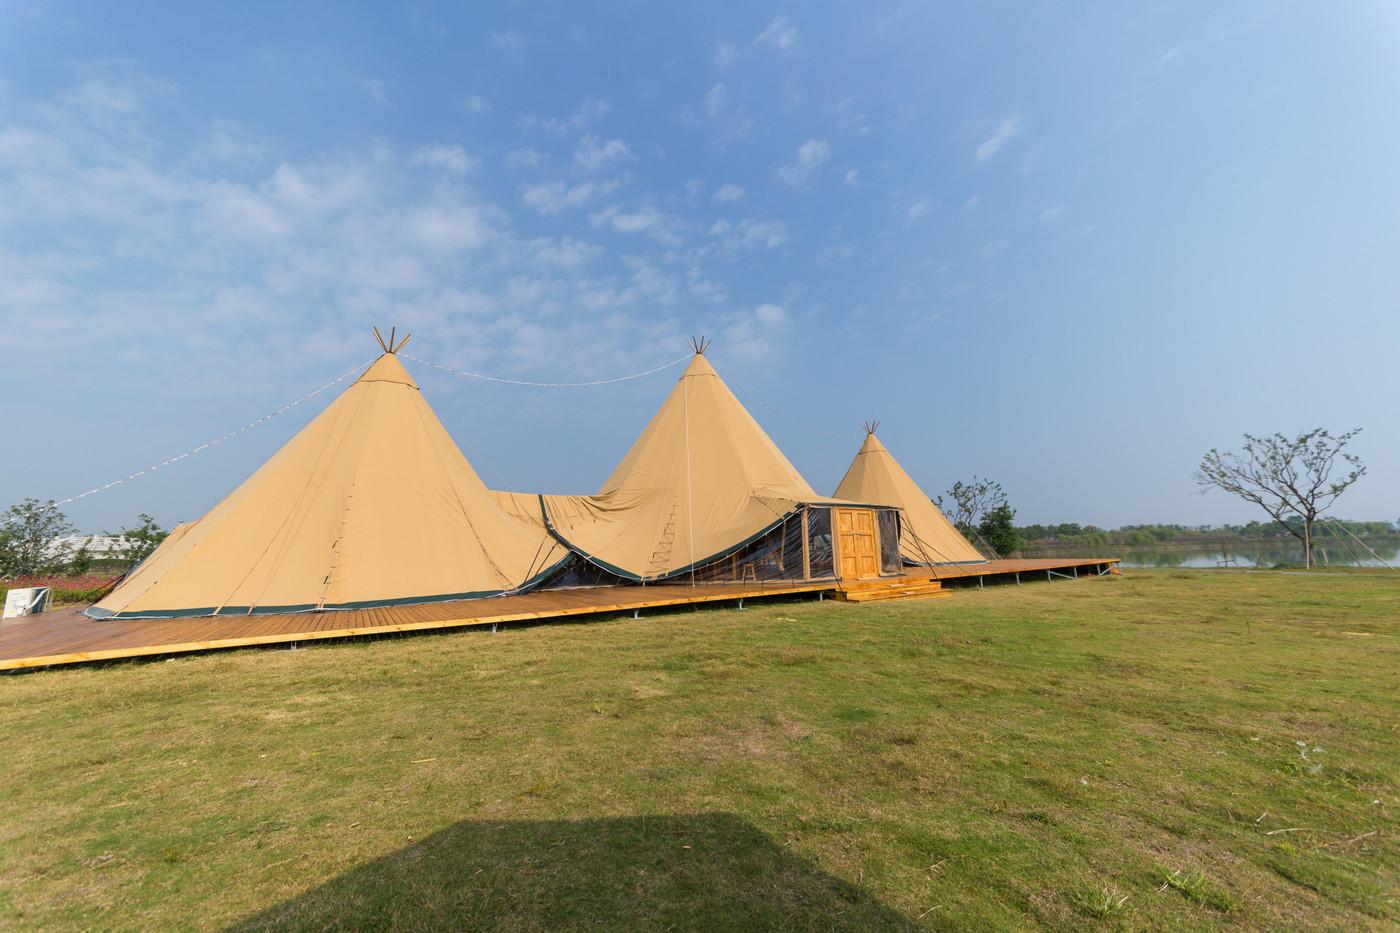 喜马拉雅印第安多功能大厅—淮安白马湖生态旅游度假区9